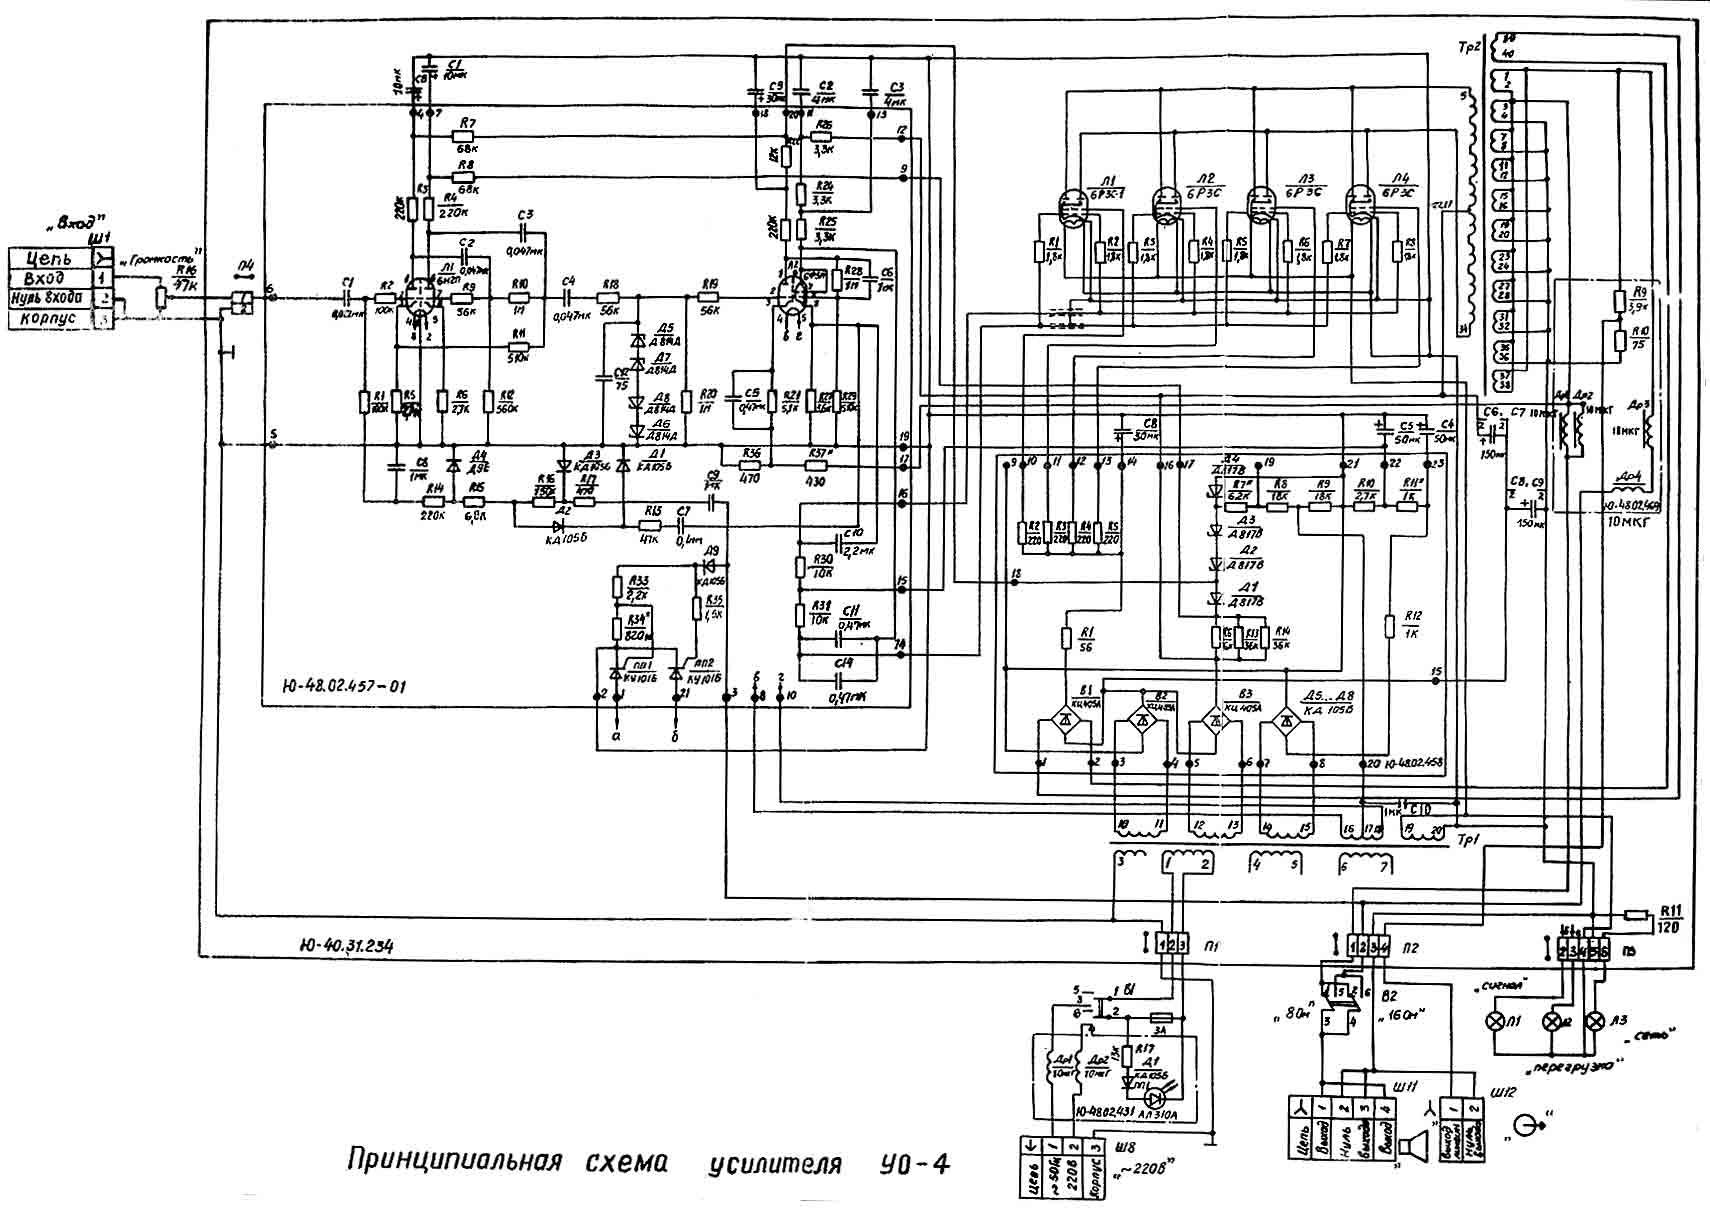 схема инструментальных шнуров